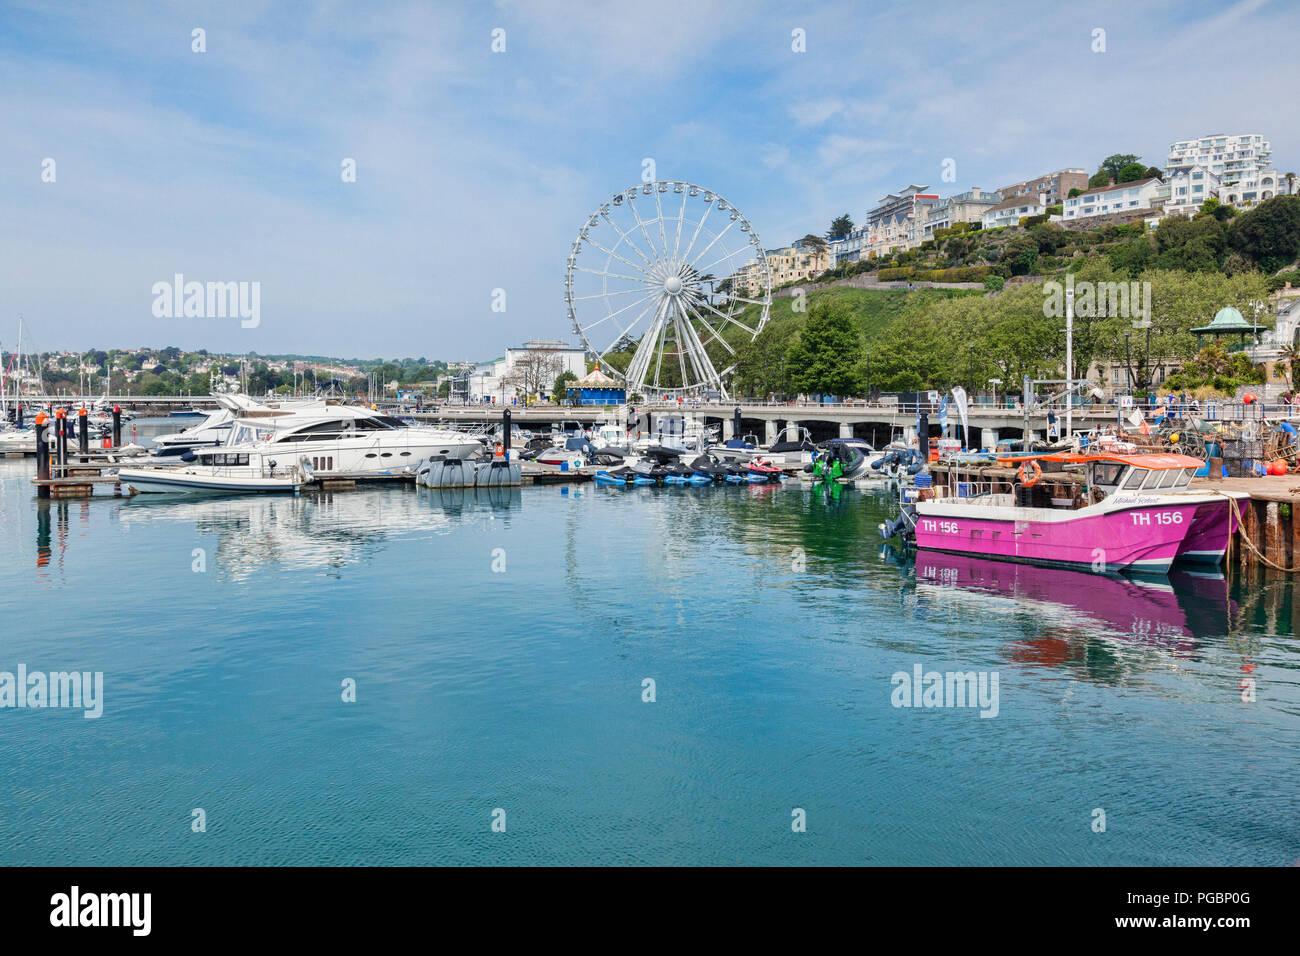 21 de mayo de 2018: Torquay, Devon, Inglaterra, Reino Unido - la marina y la Riviera Inglesa rueda en un soleado día de primavera. Imagen De Stock